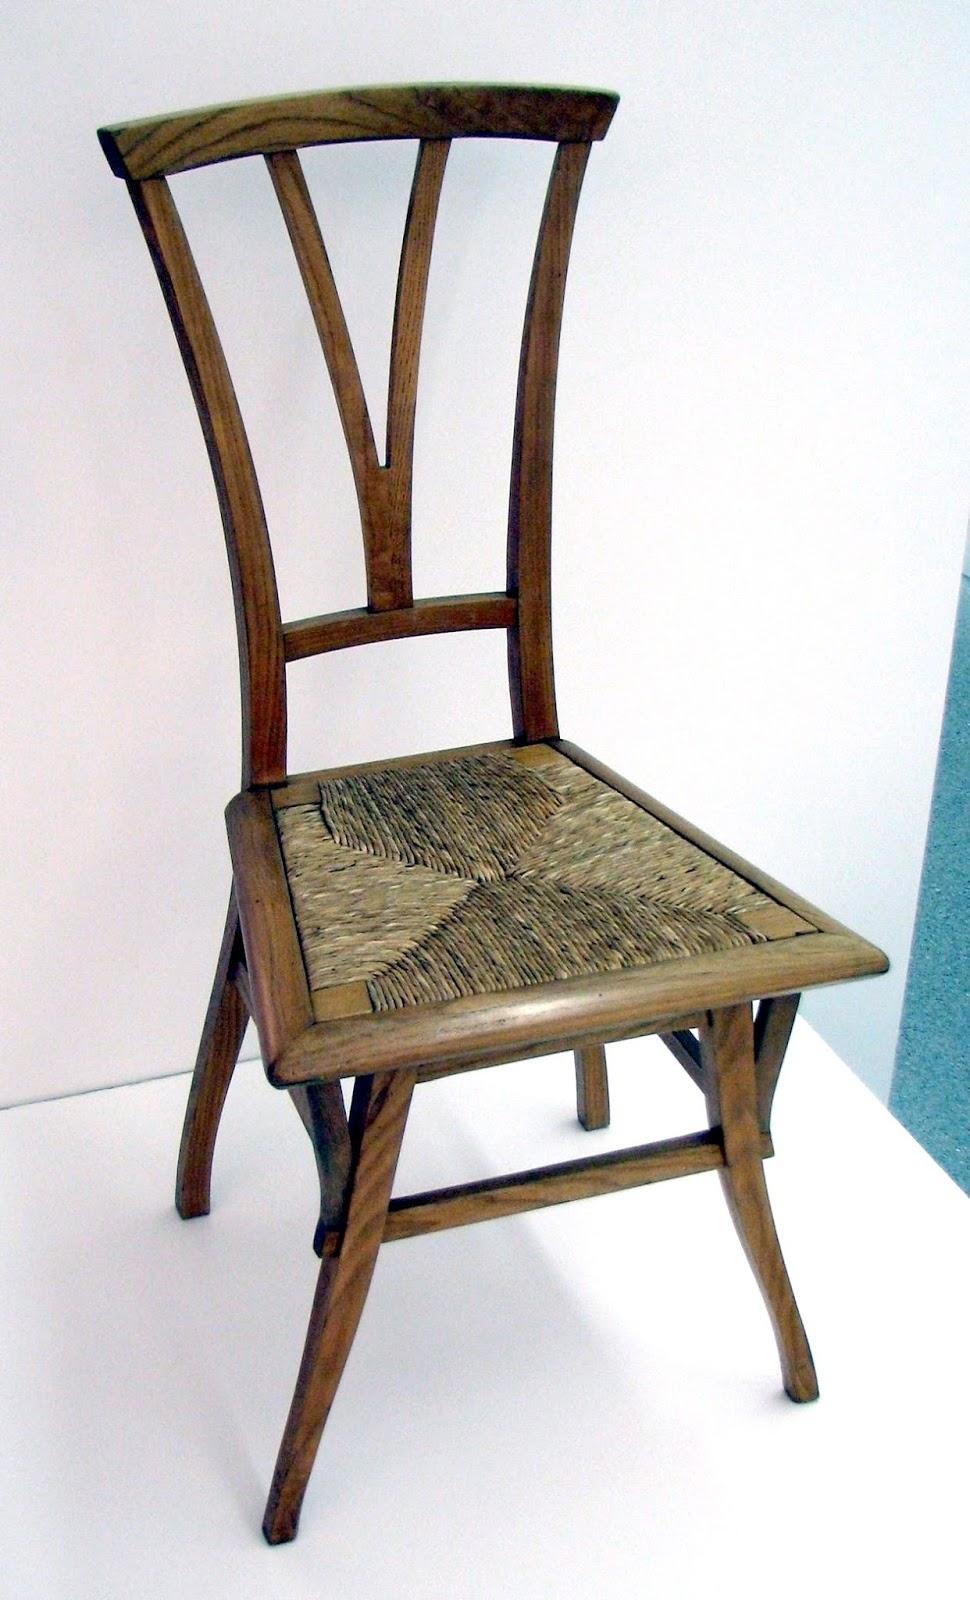 Ejemplos De Art Noveau Dise O Y Pintura Arte Y Dise O Fac De  # Muebles Bauhaus Caracteristicas